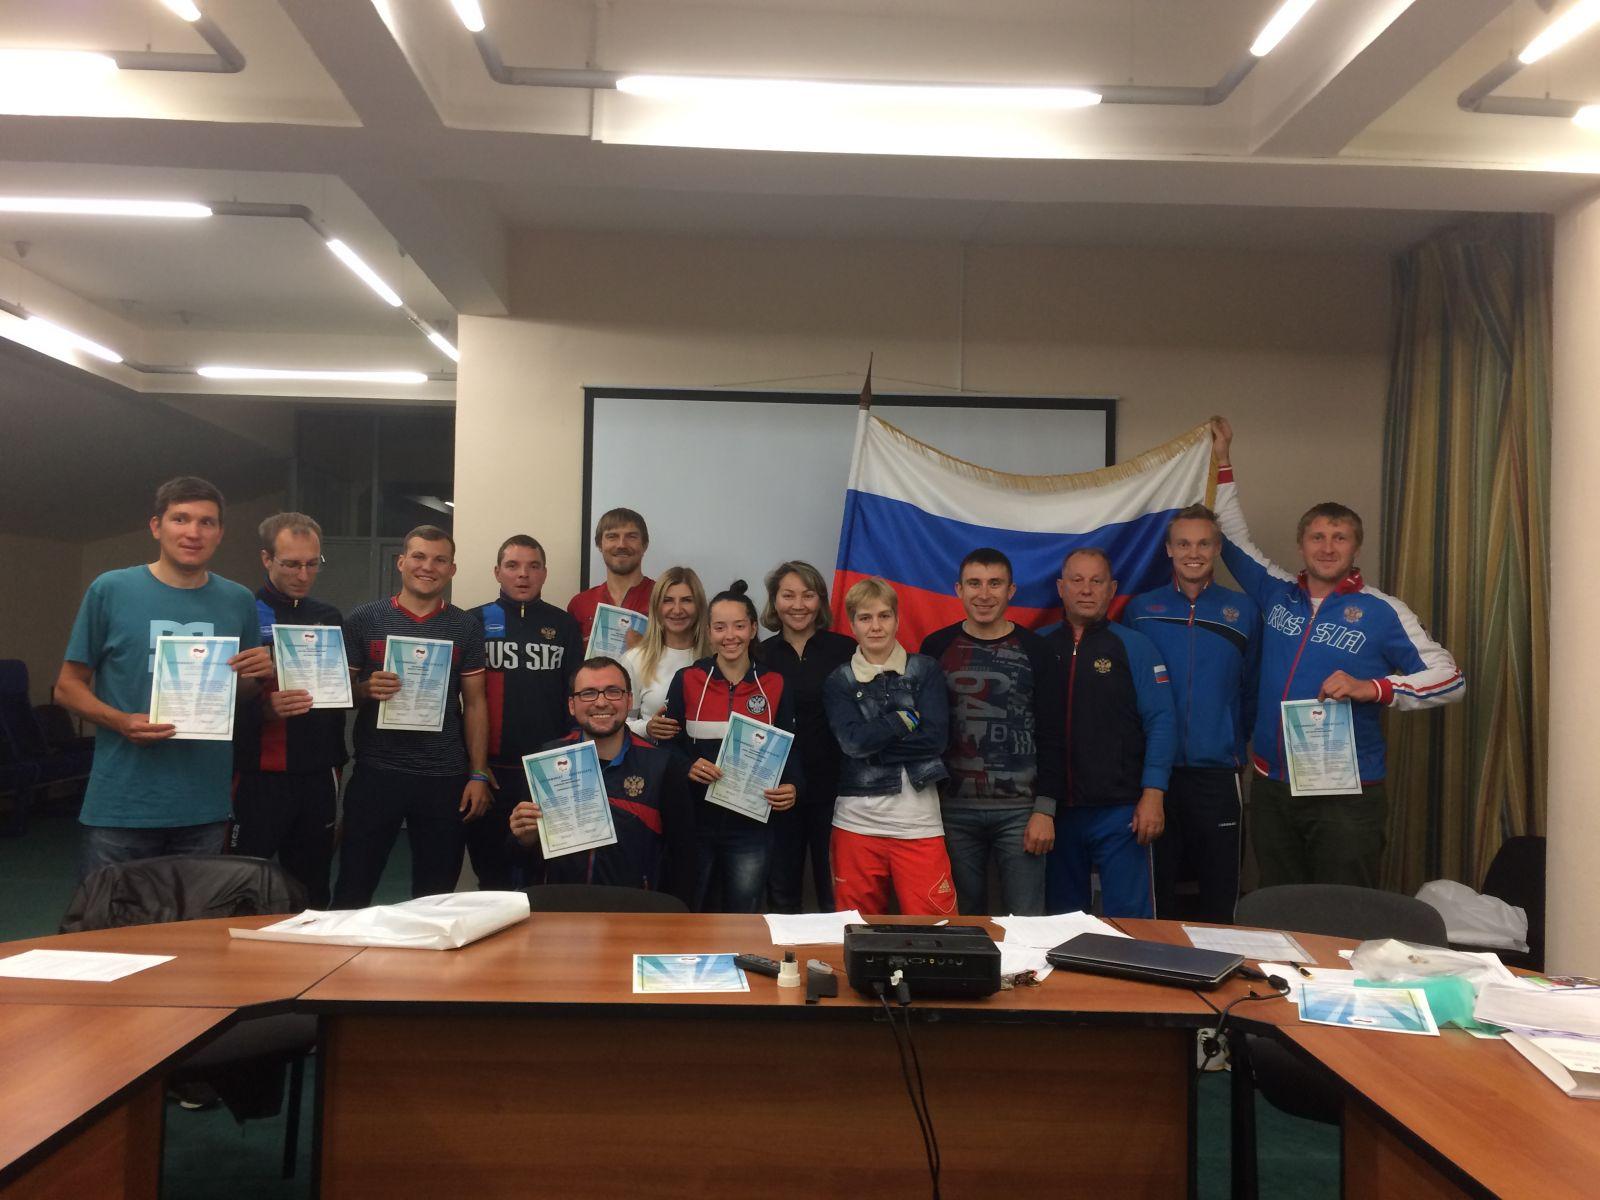 ПКР в Санкт-Петербурге на базе центра велоспорта «Локосфинкс» провел Антидопинговый семинар для членов сборной команды России по велоспорту среди лиц с ПОДА